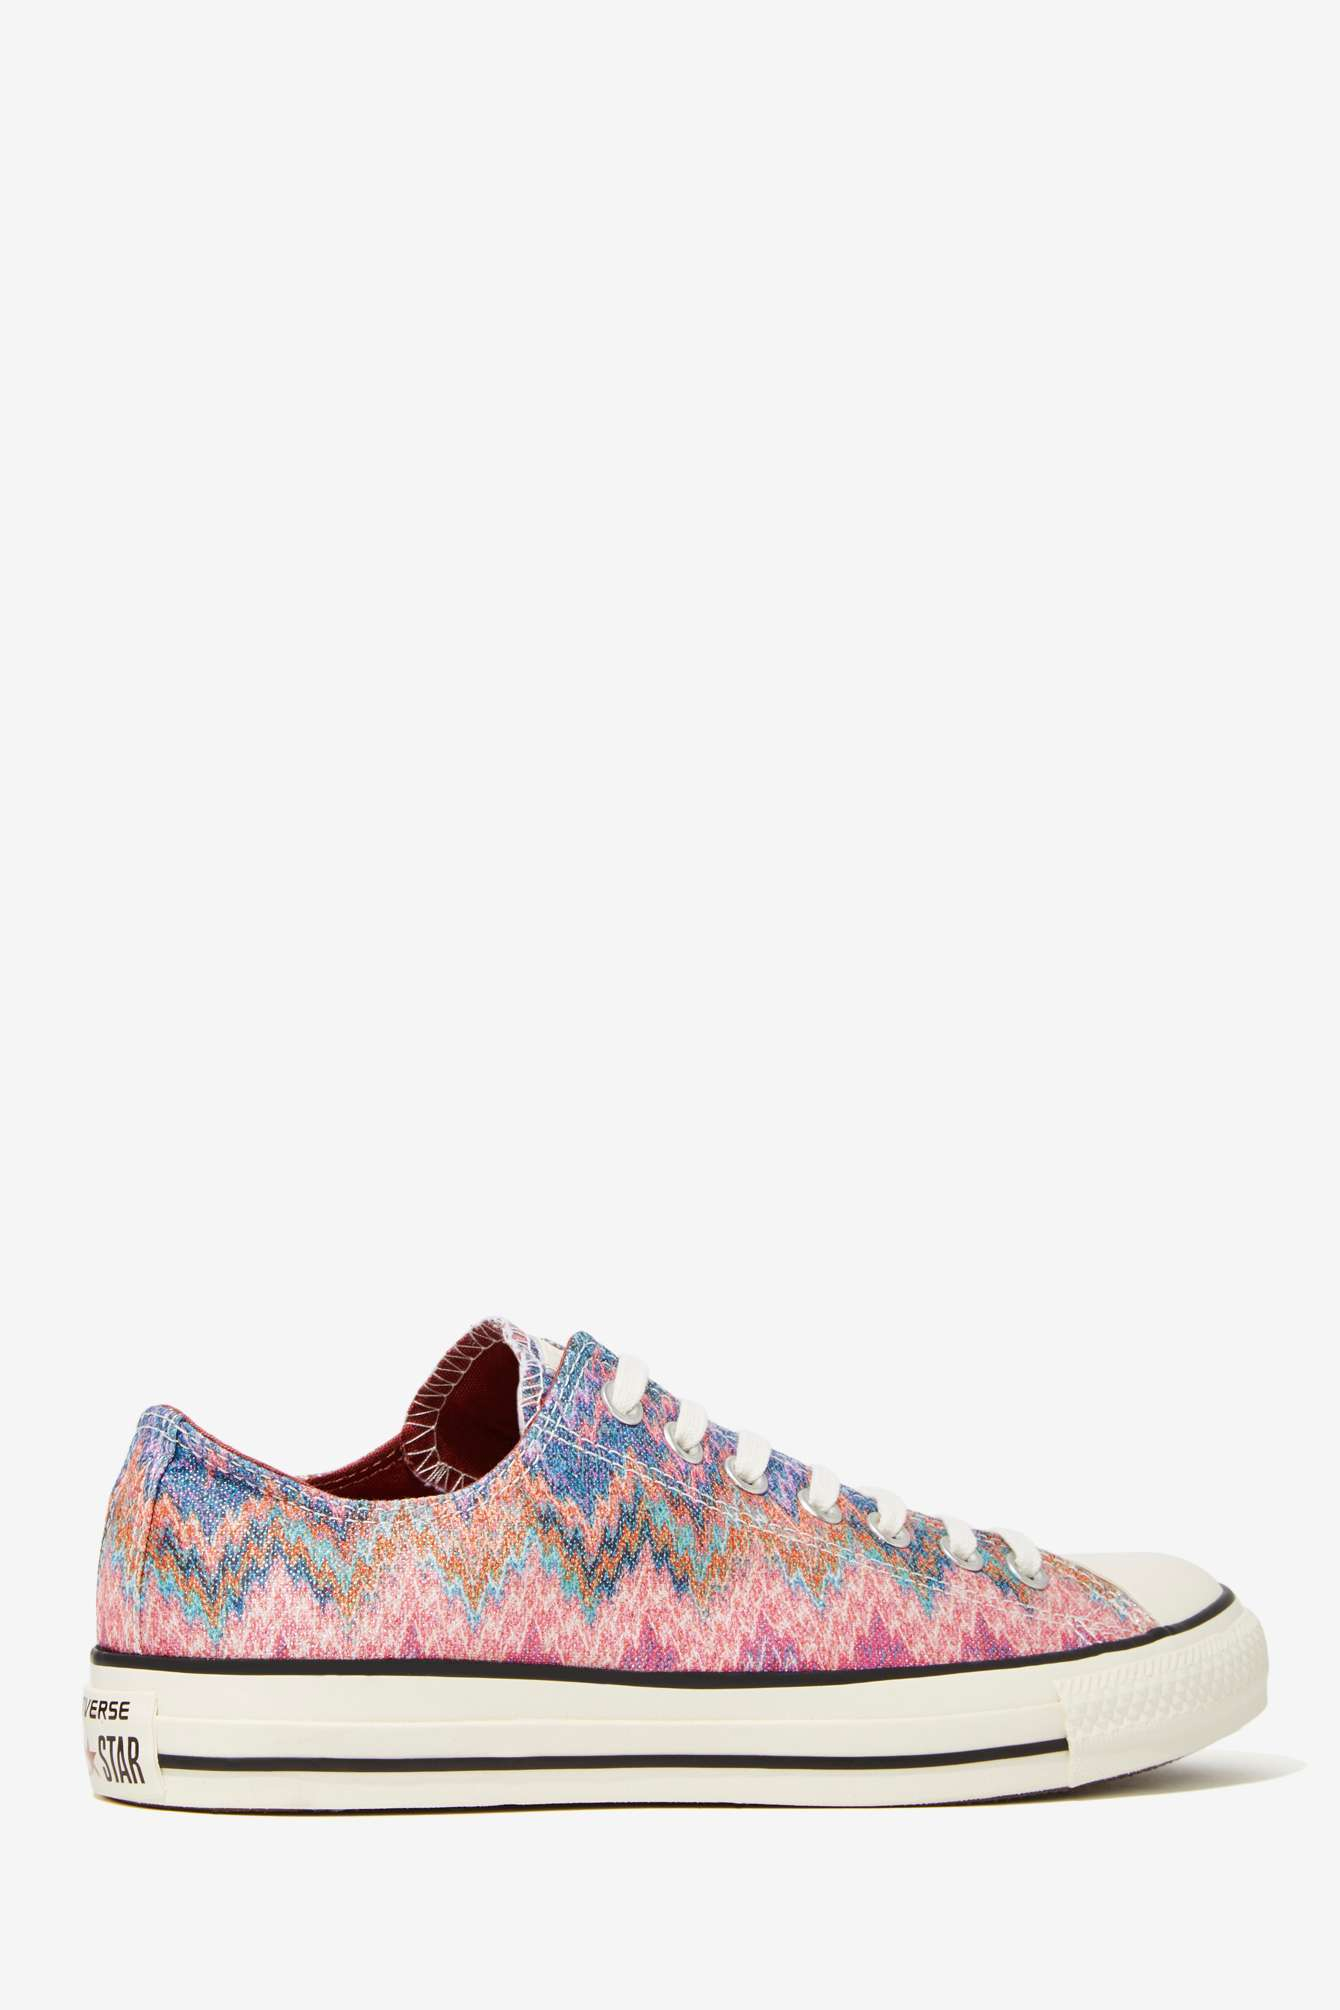 FOOTWEAR - Low-tops & sneakers Missoni ziQrqijmx0